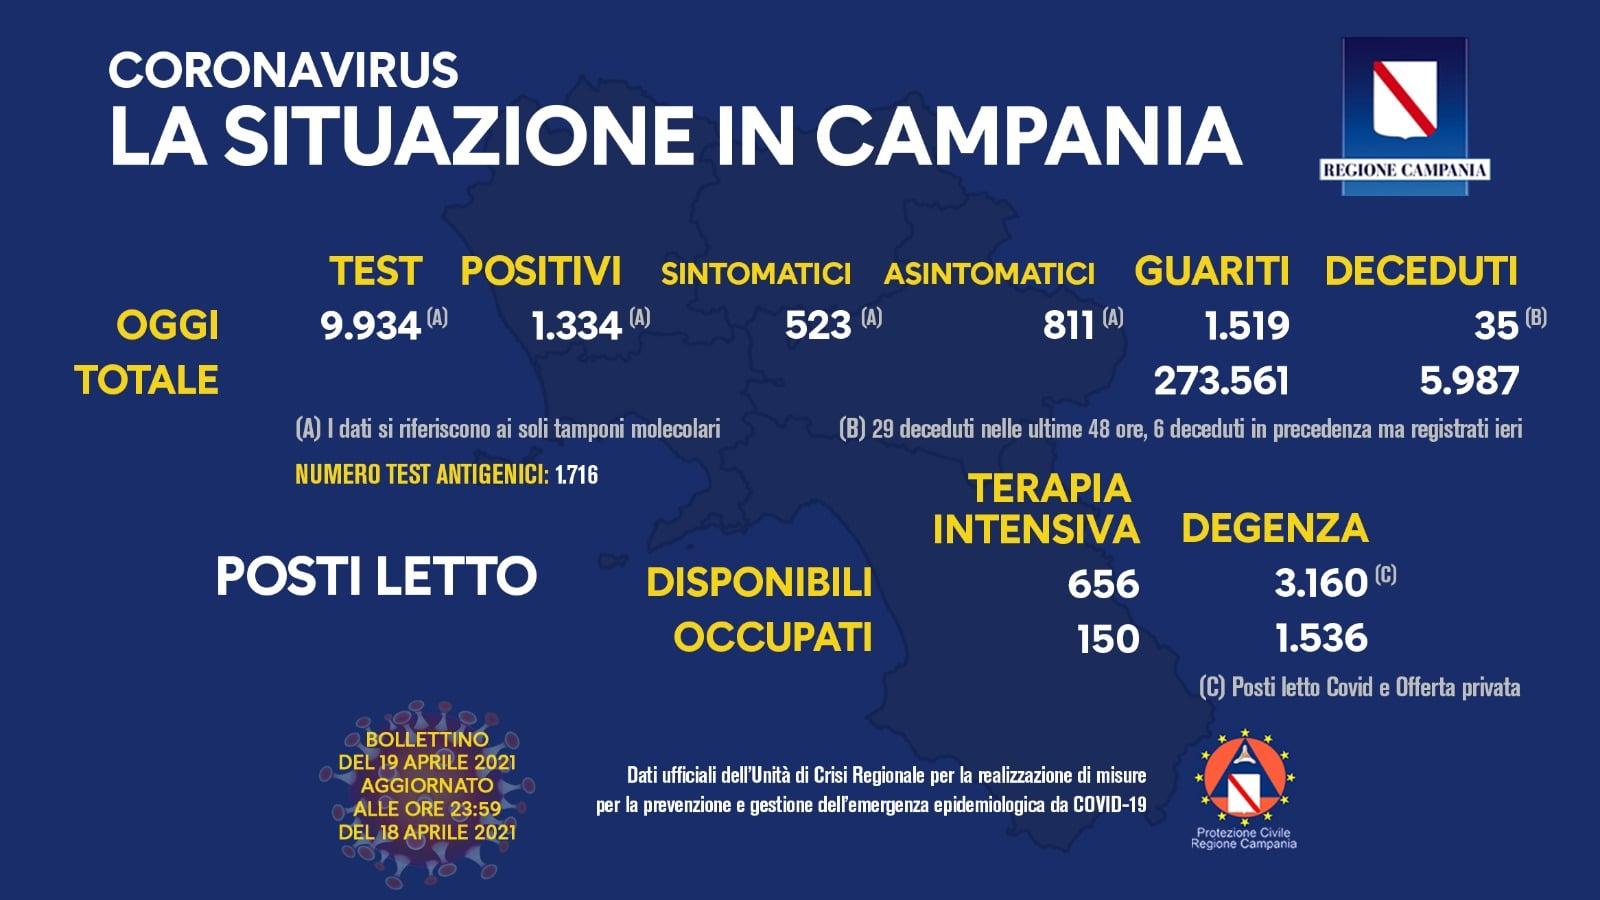 Coronavirus in Campania, bollettino del 19 aprile 2021